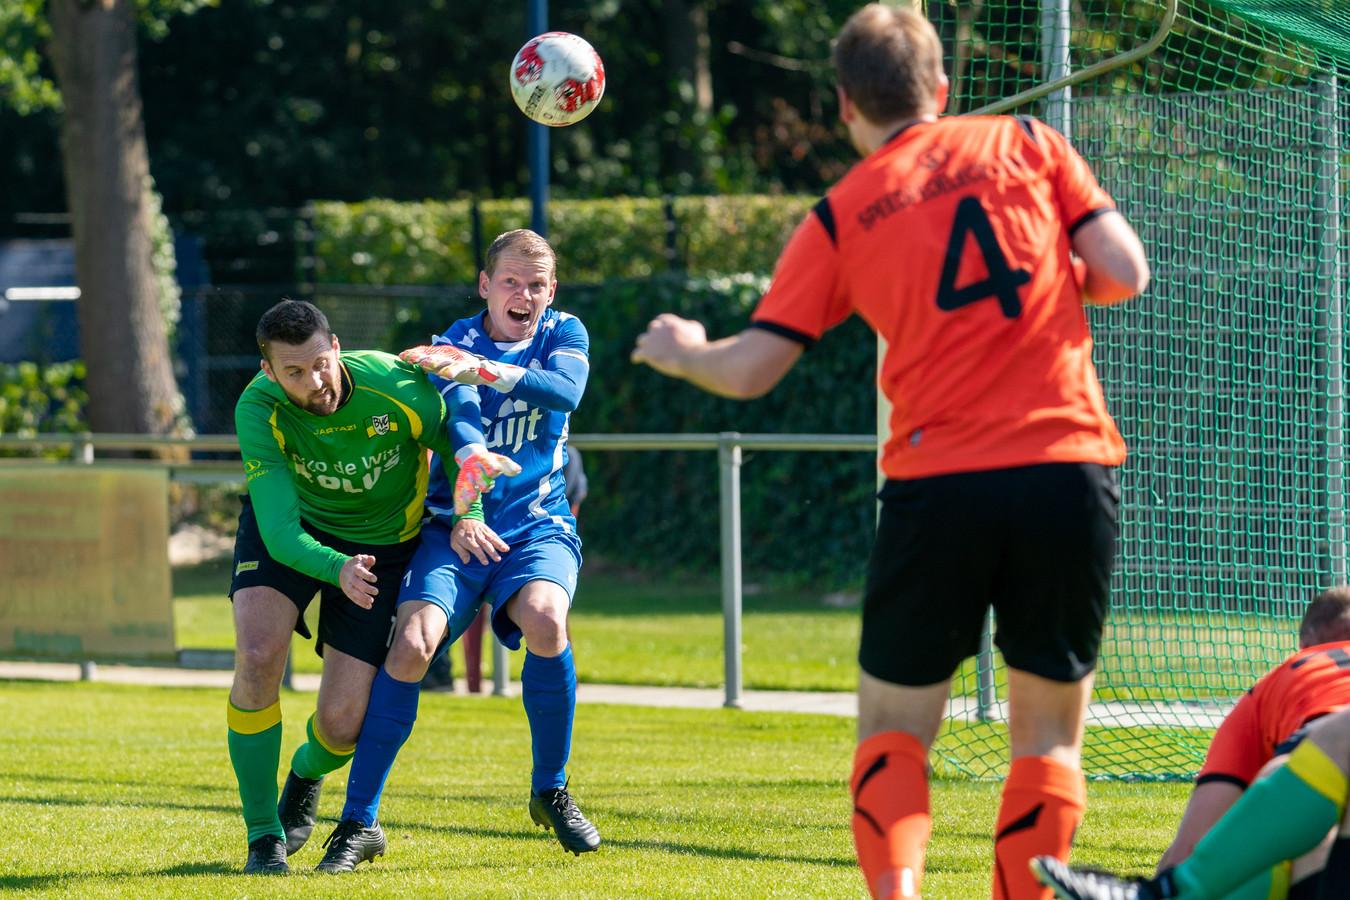 De Bataven-doelman Jamie Dekkers weet te voorkomen dat speler van BVC'12 kan scoren. Archieffoto